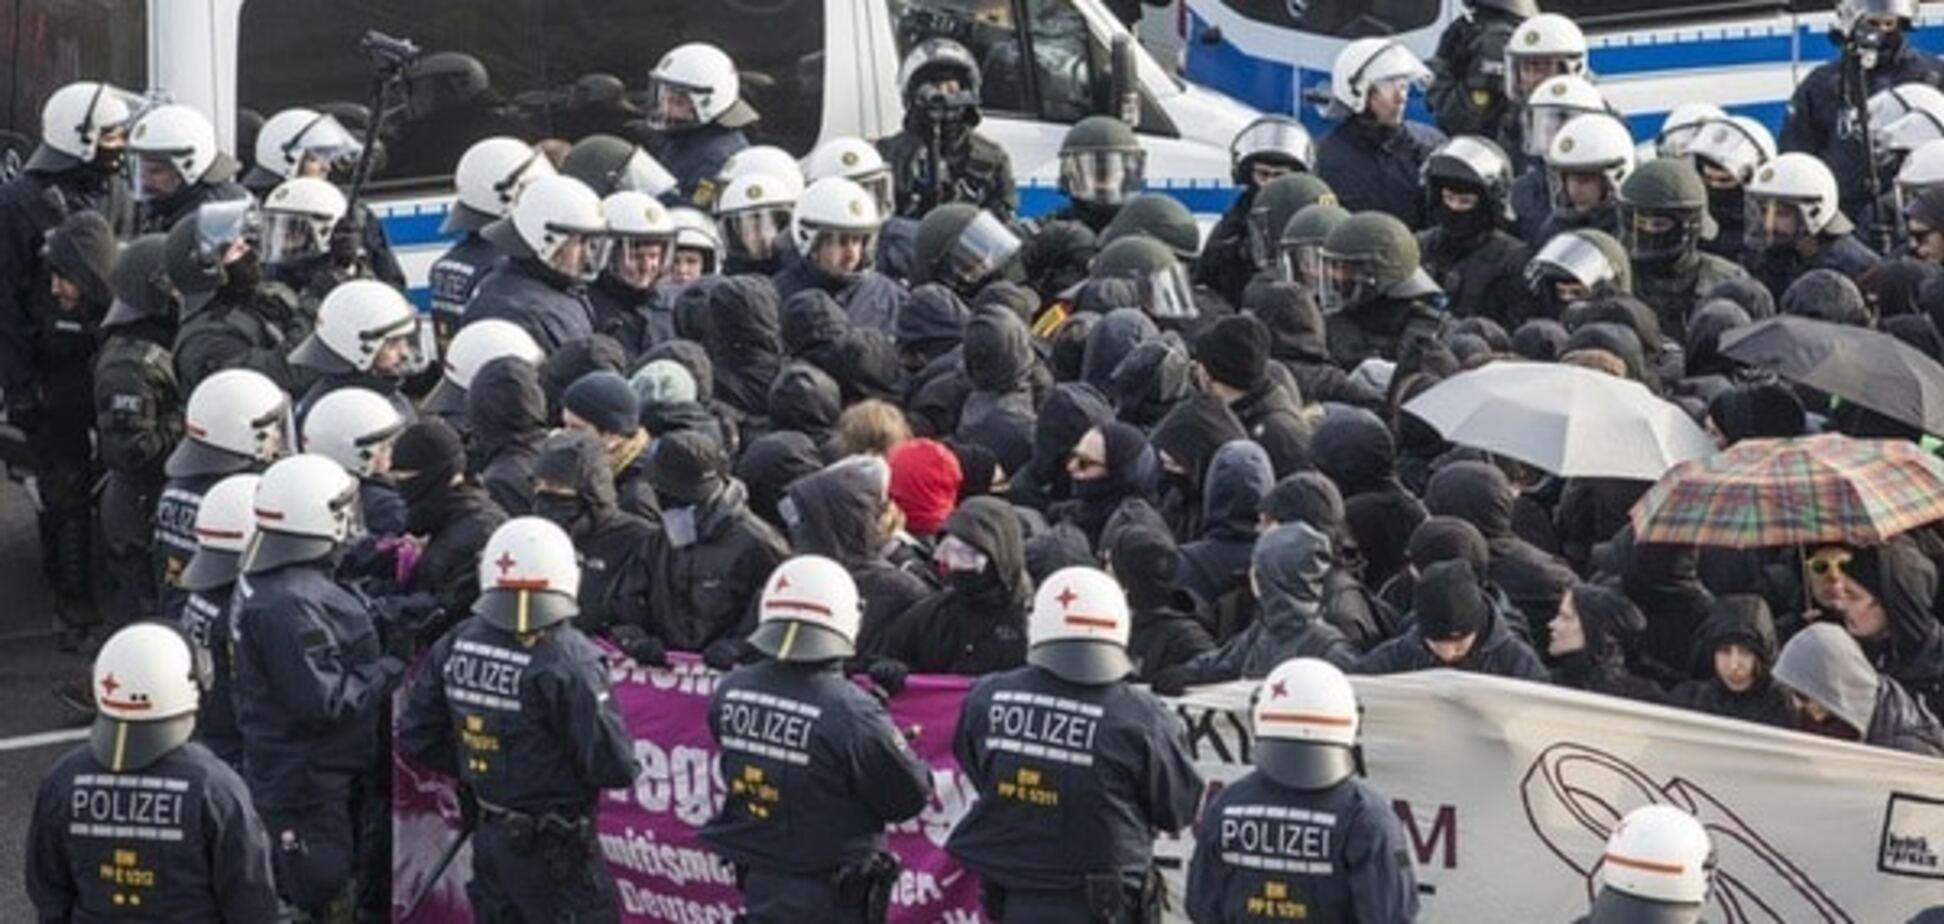 У Штутгарті демонстранти побилися з поліцією, близько 400 людей заарештовано